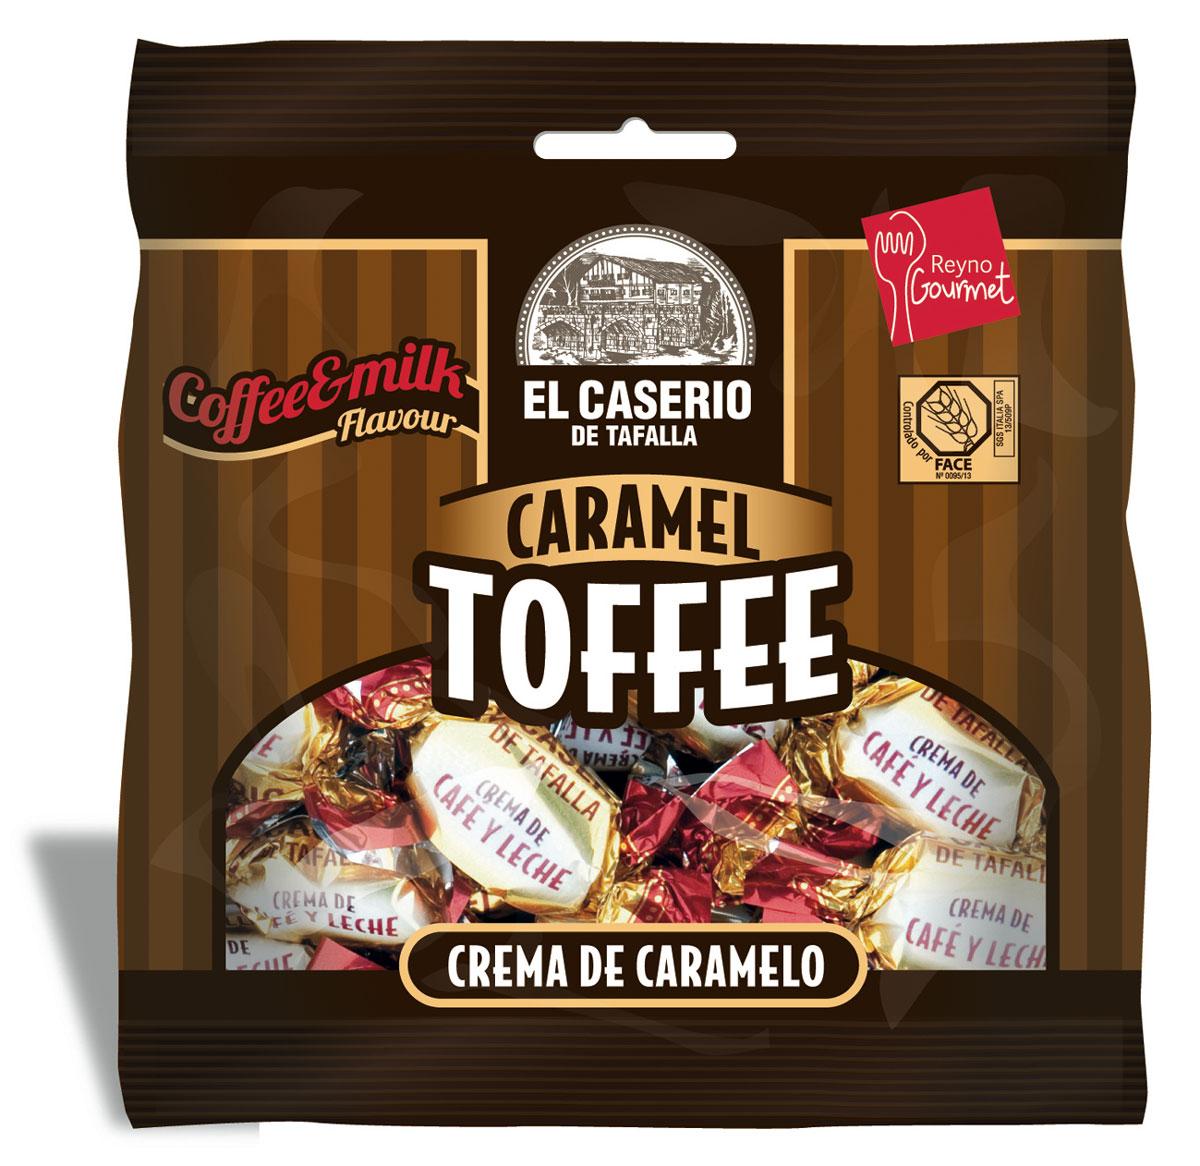 El Caserio de Tafalla Конфеты сливочные карамельные Кофе с молоком пакет, 85 г обложка для паспорта printio mortal kombat noob saibot